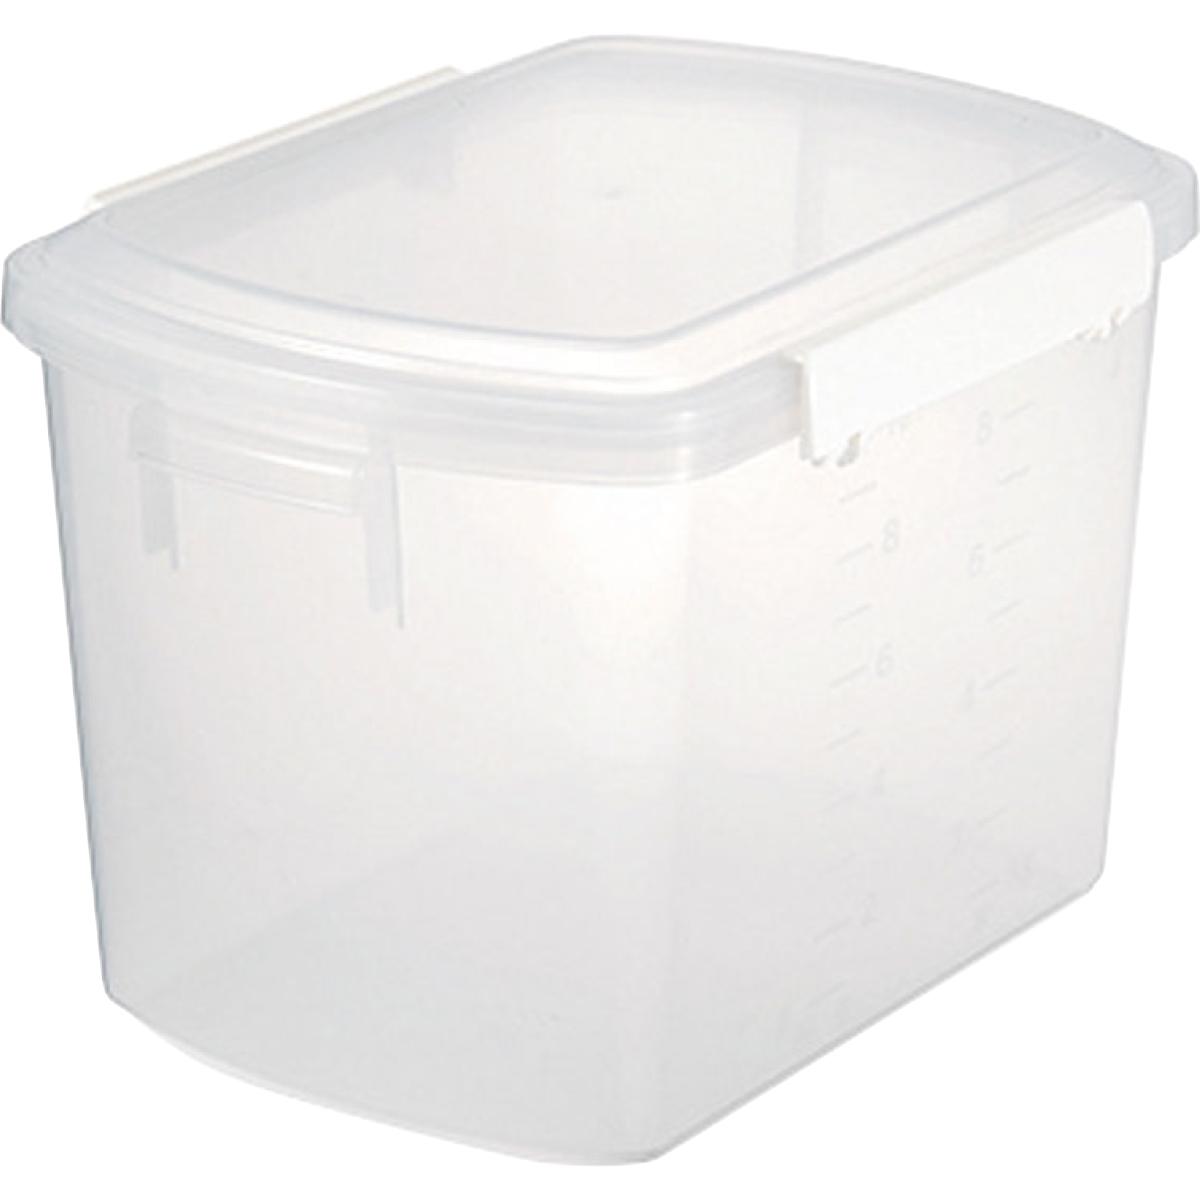 推奨 お求めやすく価格改定 シール容器 プラスチック保存容器 料理道具 業務用 シールストッカー C-28 ホワイト